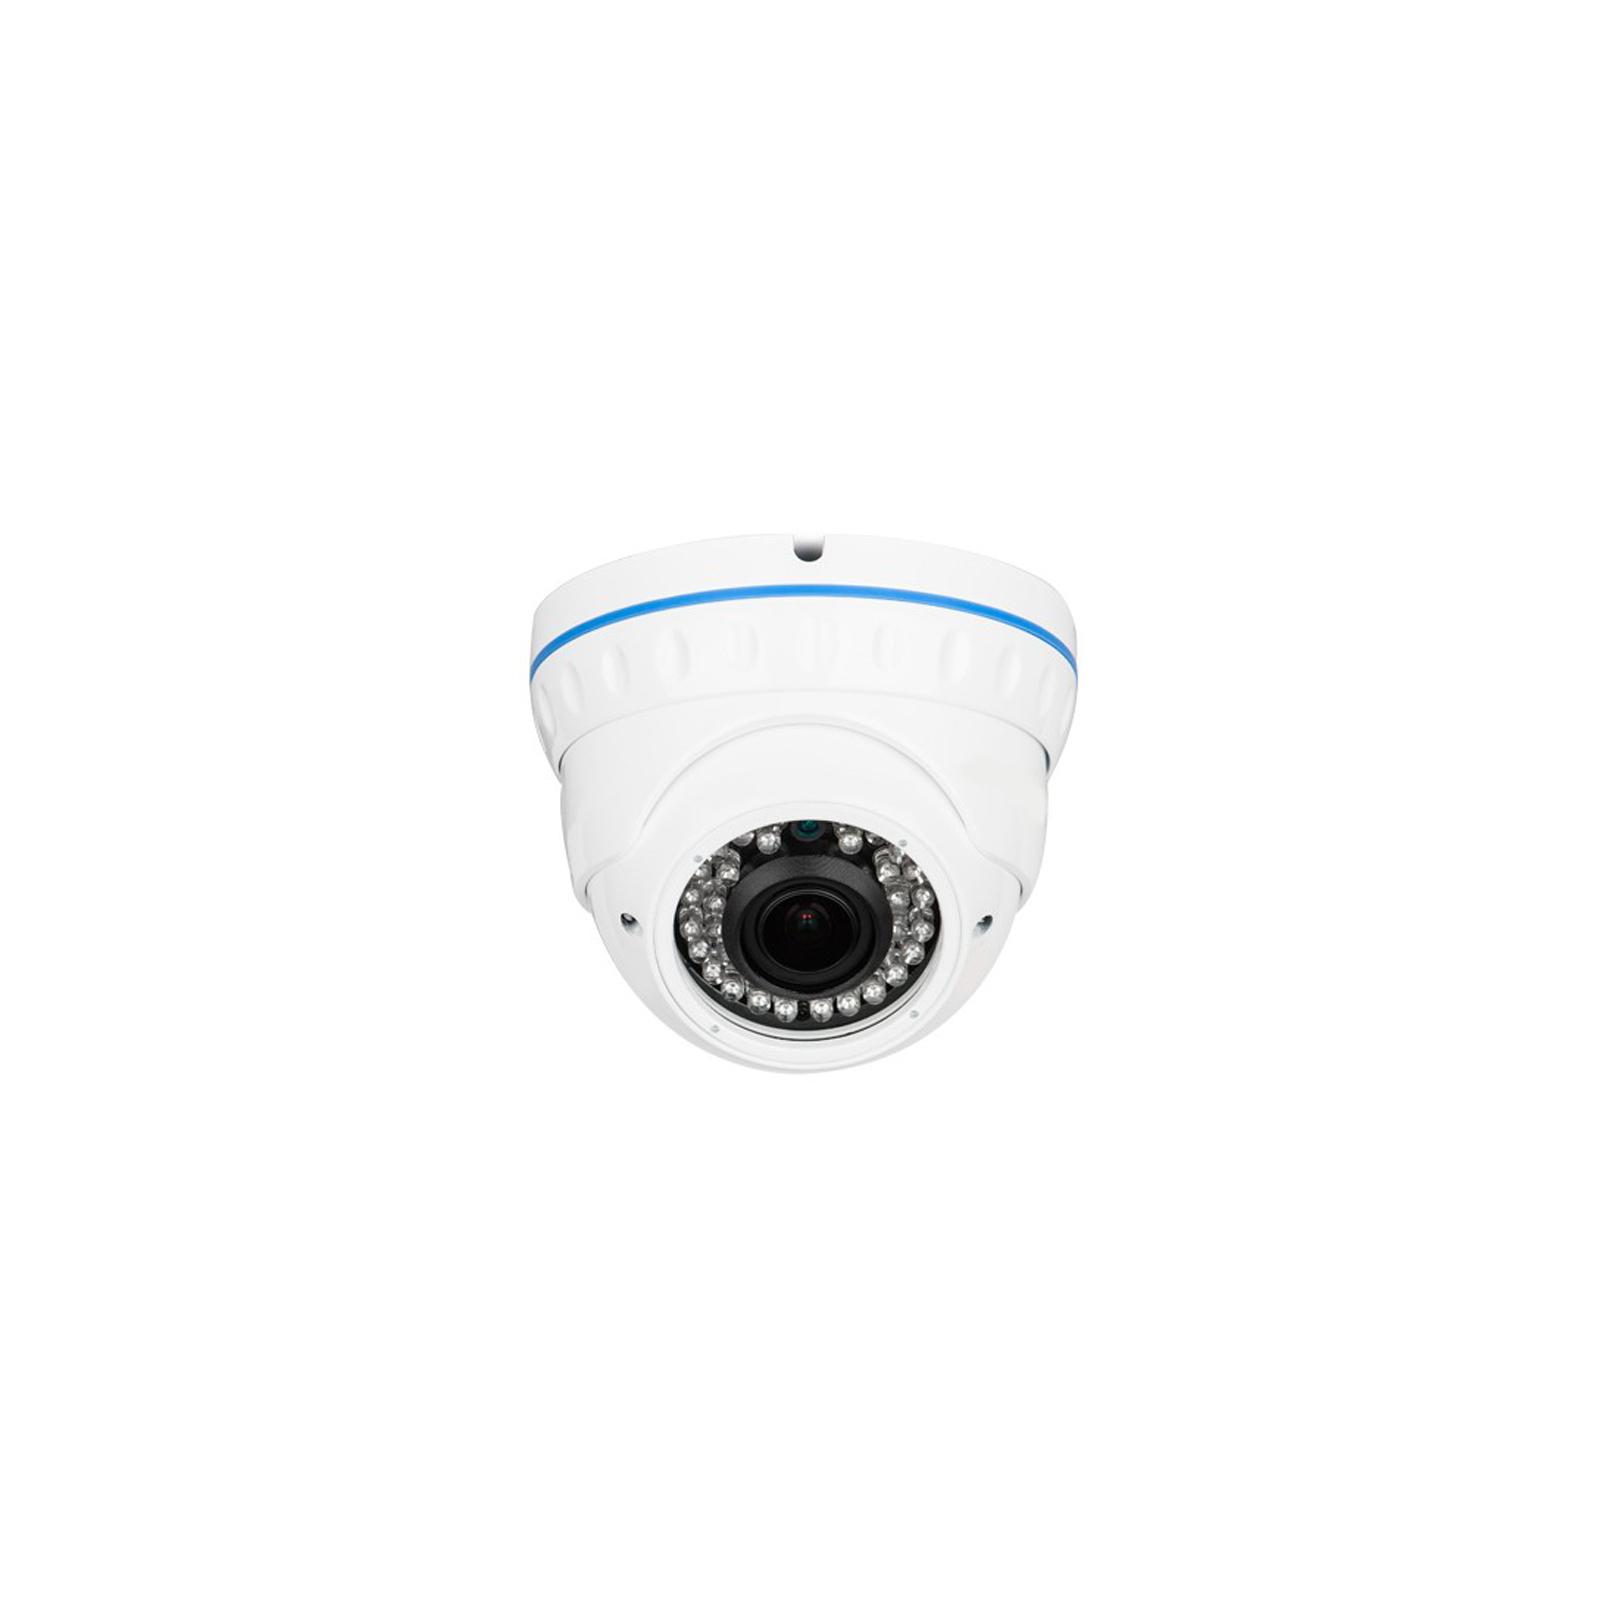 Камера видеонаблюдения CnM Secure IPD-2M-40F-poe изображение 2